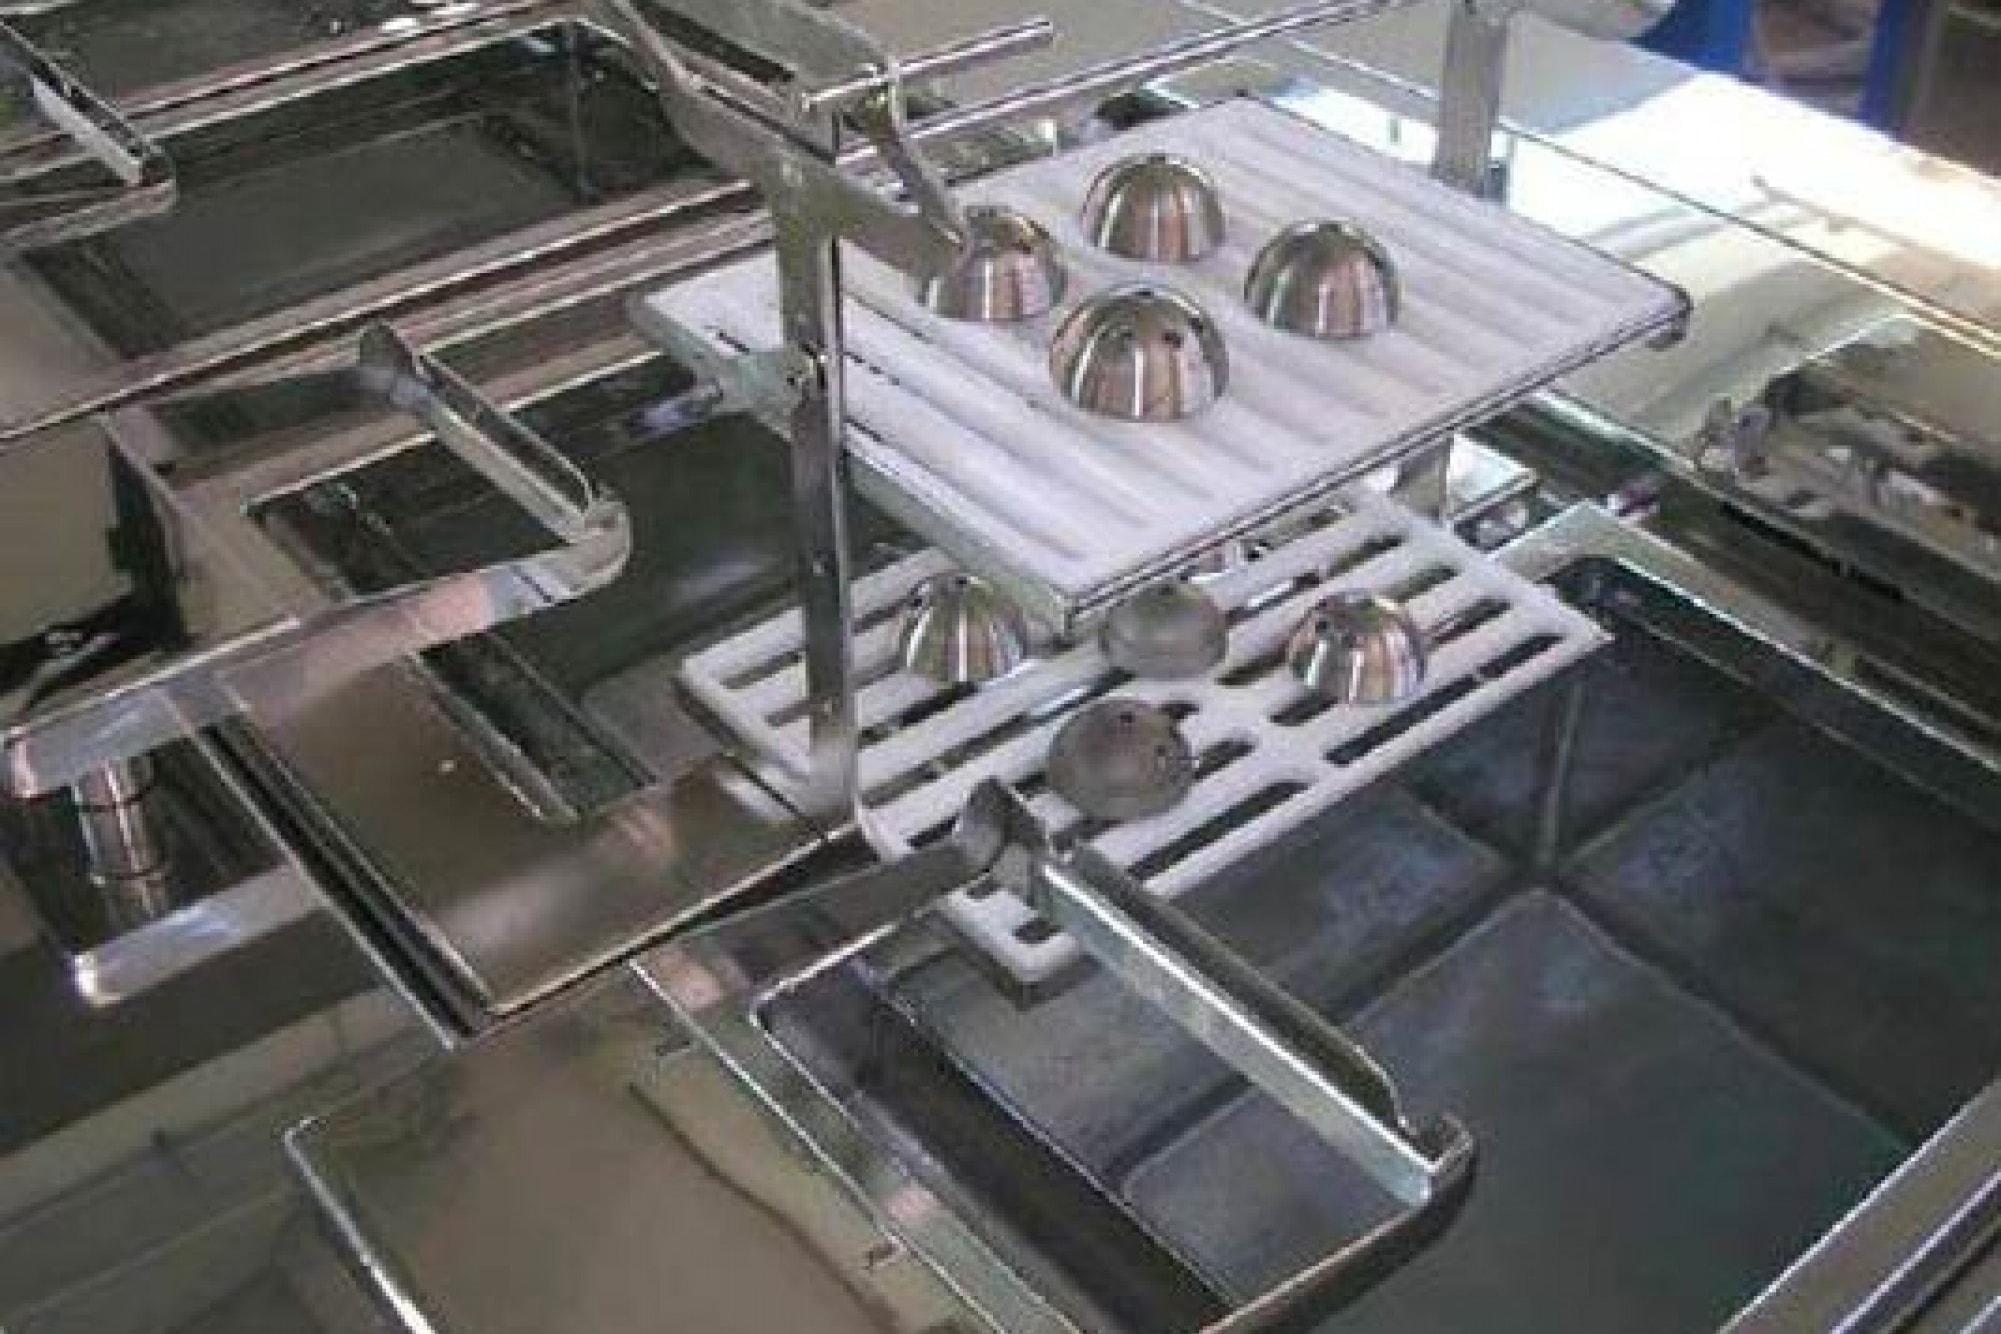 Ultraschallreinigungsanlage Medizintechnik Bauteilaufnahme